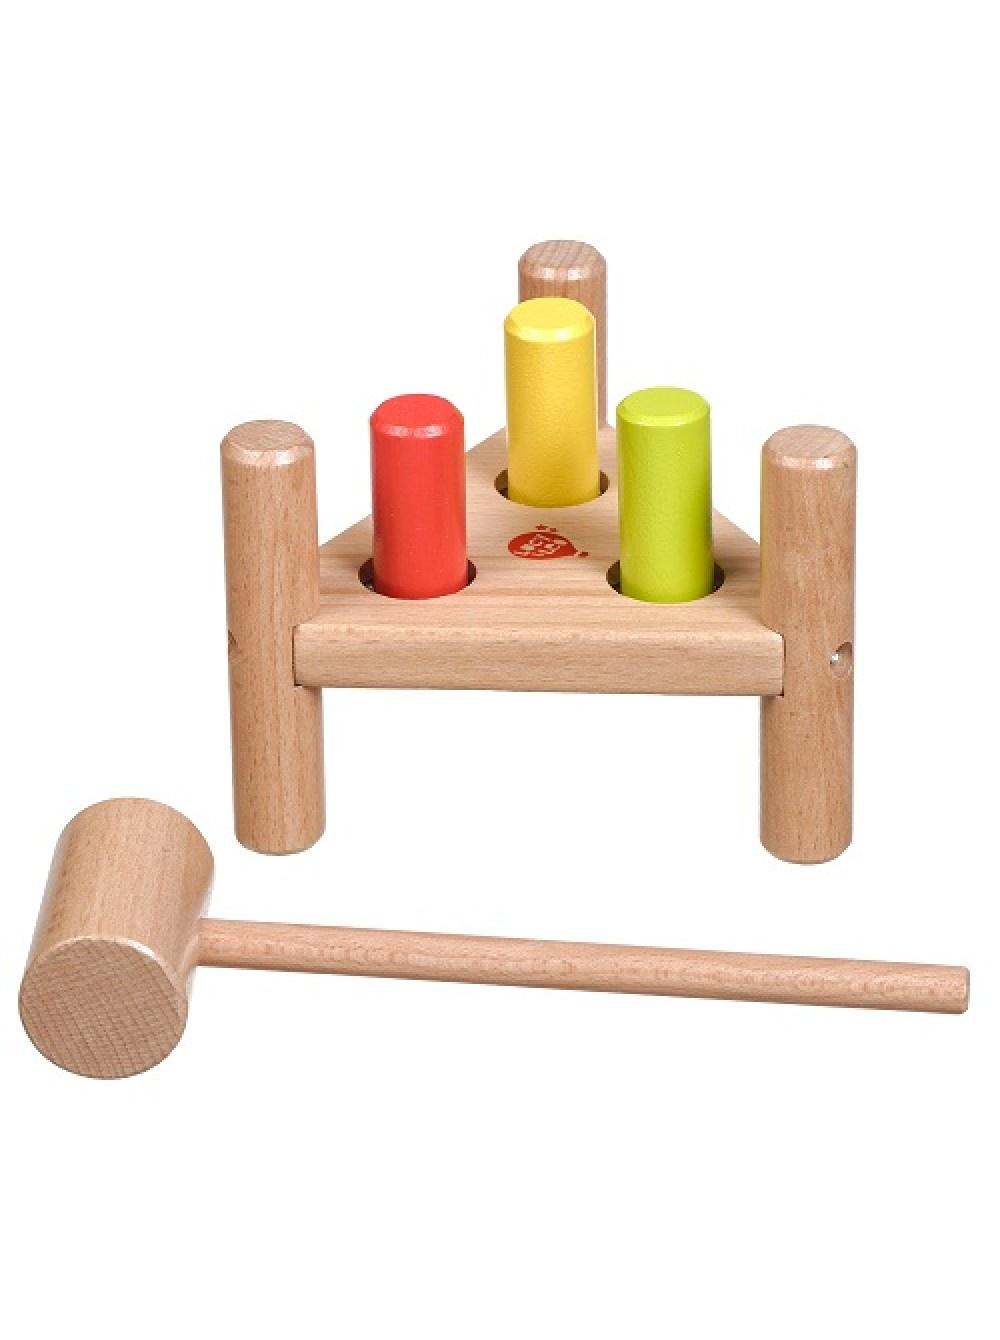 Фото - Развивающая игрушка Мир деревянных игрушек Забивалка треугольник бежевый мир деревянных игрушек развивающая игрушка стучалка шарик и гвоздики